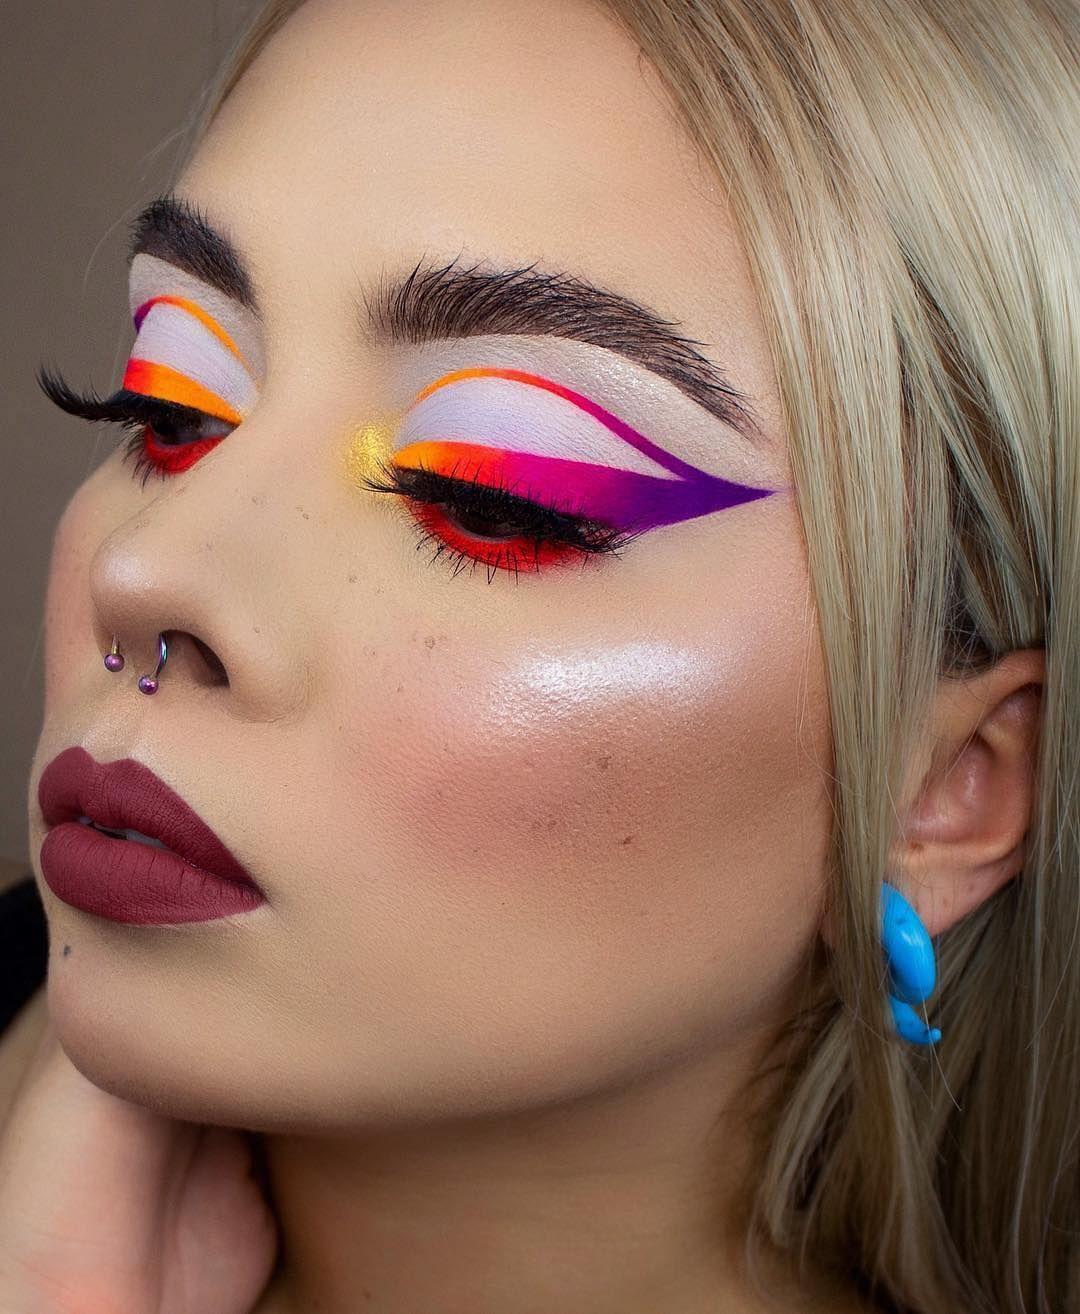 delineado grafico colorido e neon